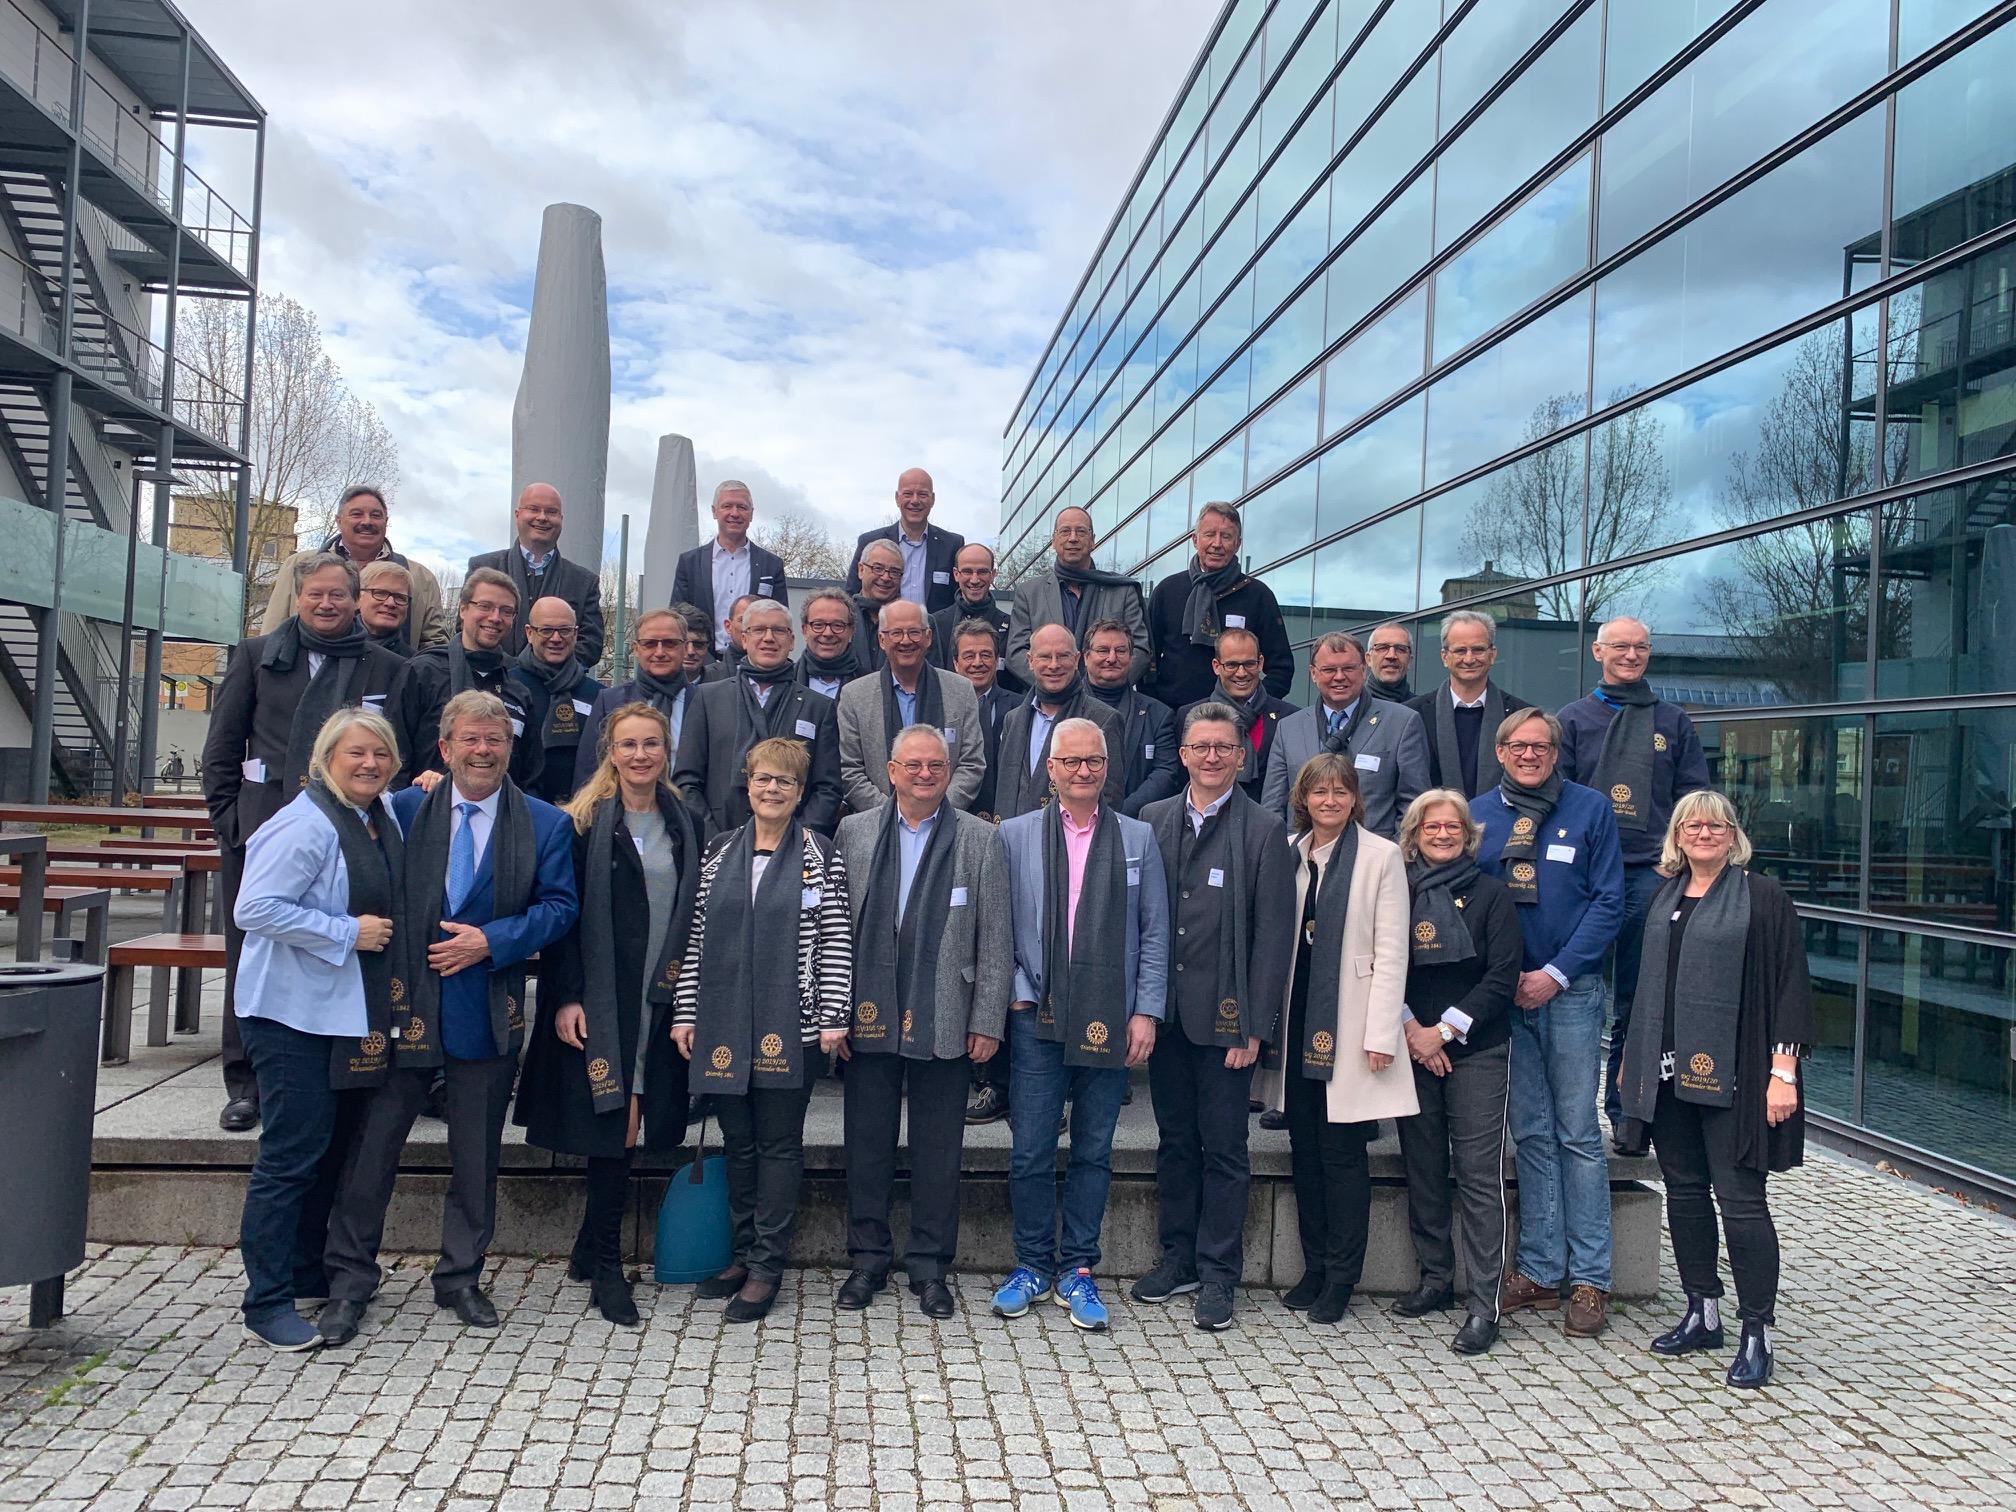 Distrikt-Trainingsversammlung gibt Incoming-Vorständen 2019/20 wichtige Impulse